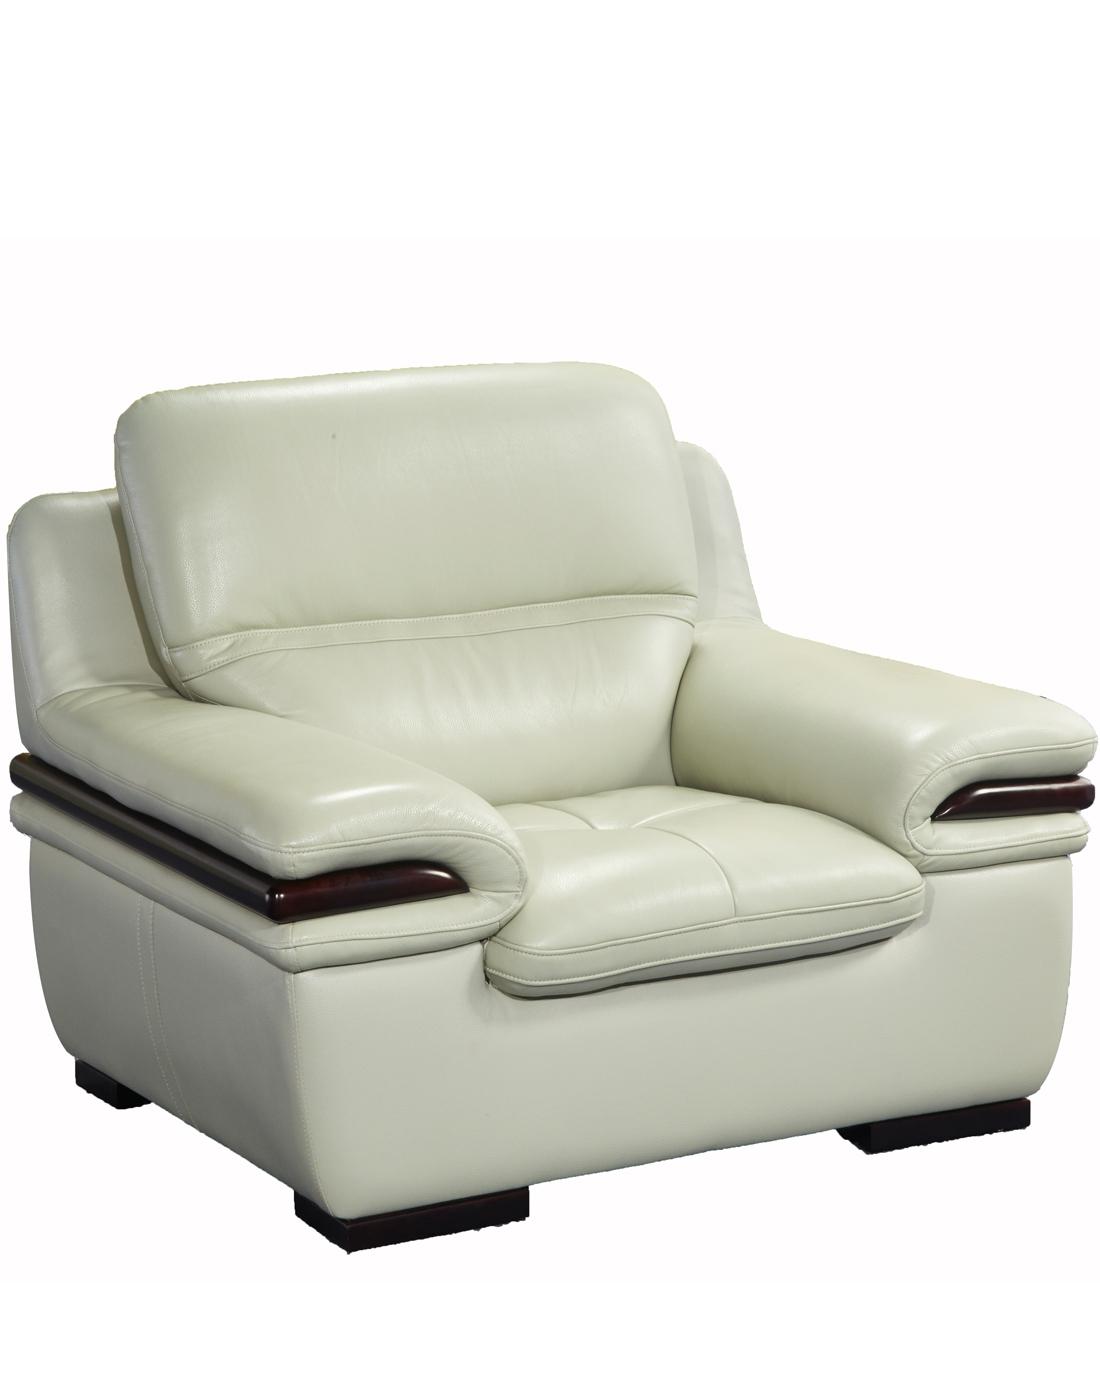 康耐登 欧式现代简约真皮沙发(左扶三人位 右贵妃位 双扶手单人位)